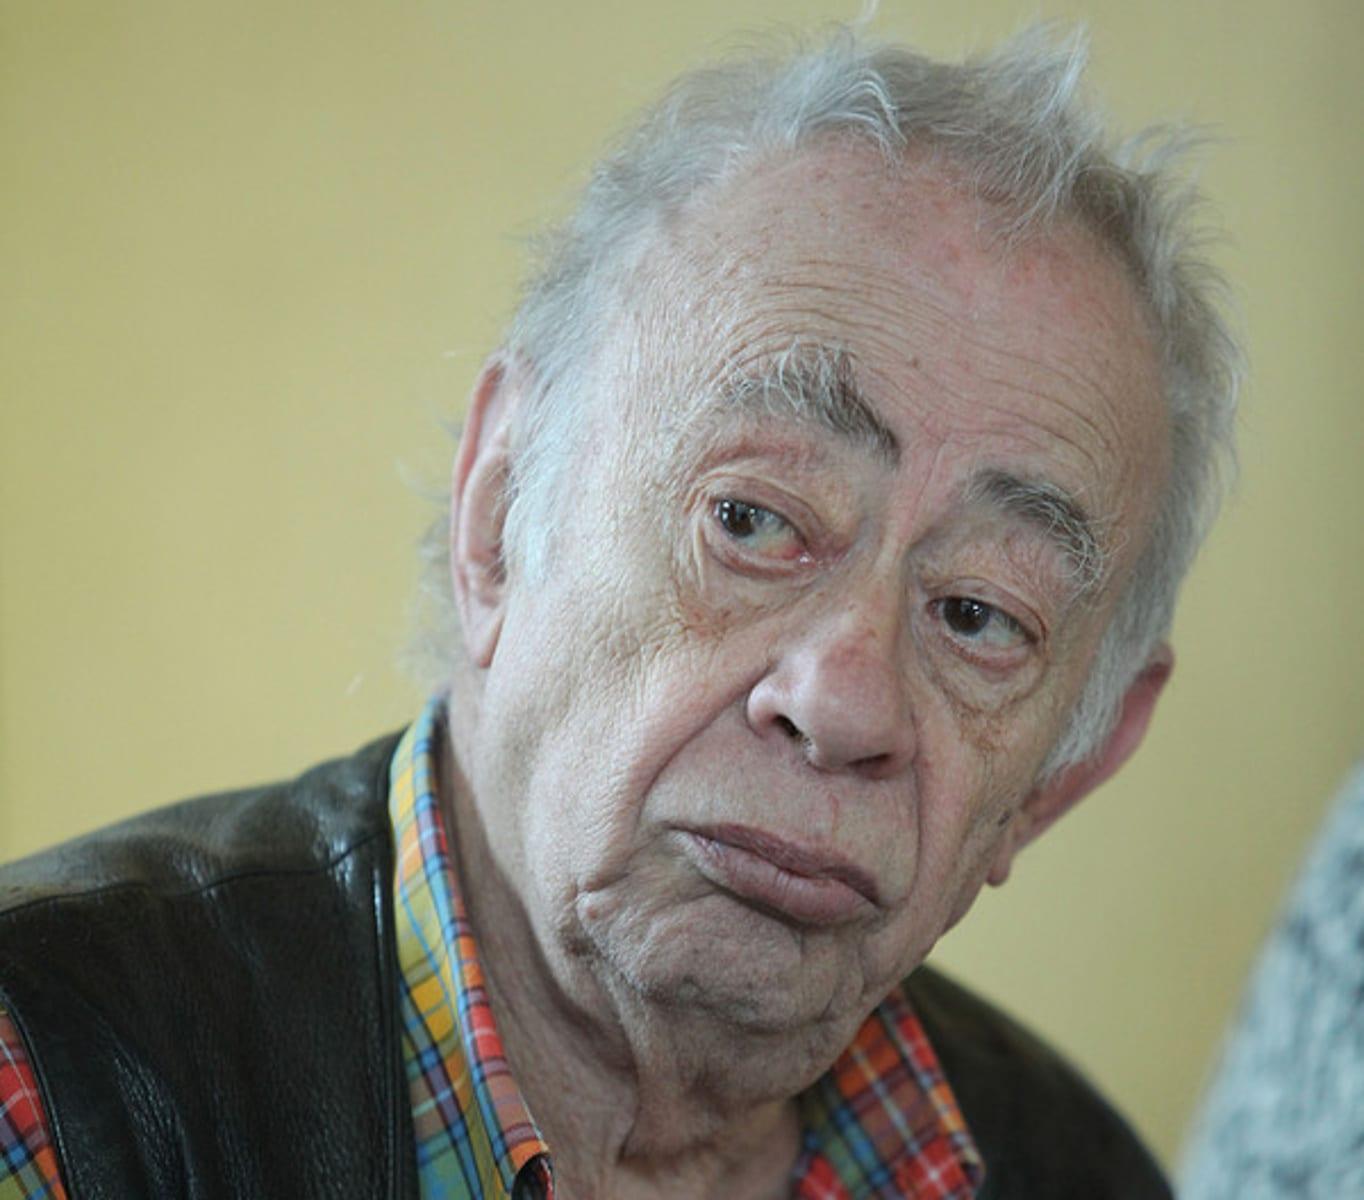 Ο συγγραφέας Βασίλης Αλεξάκης, Δευτέρα 27 Ιανουαρίου 2014, Συνέντευξη Τύπου στην Αίθουσα Νερού του Δήμου Θεσσαλονίκης απο την ανεξάρτητη, δυναμική, παρεμβατική, αισιόδοξη, με χιούμορ και πείσμα, «ΣΧΕΔΙΑ», που είναι η δημοσιογραφία της αλληλεγγύης στην πράξη ΑΠΕ-ΜΠΕ/ΑΠΕ-ΜΠΕ/ΝΙΚΟΣ ΑΡΒΑΝΙΤΙΔΗΣ